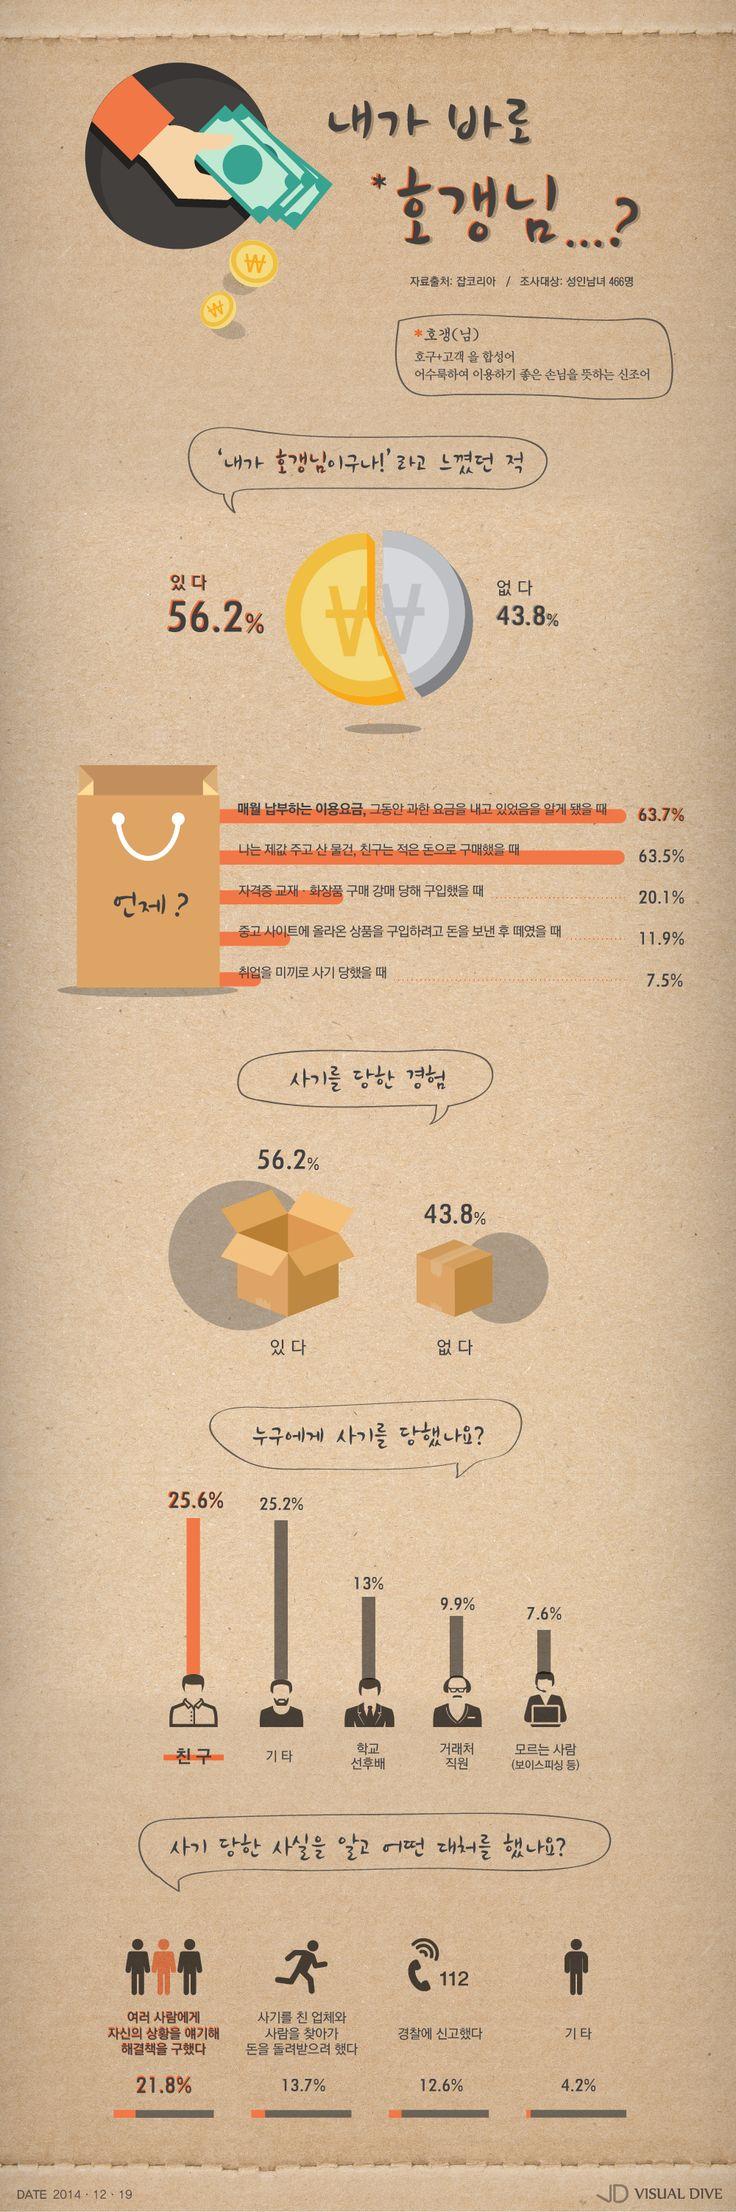 """성인남녀 절반이상 """"'호갱' 넘어 사기까지 당해봤다"""" [인포그래픽] #hogaeng / #Infographic ⓒ 비주얼다이브 무단 복사·전재·재배포 금지"""